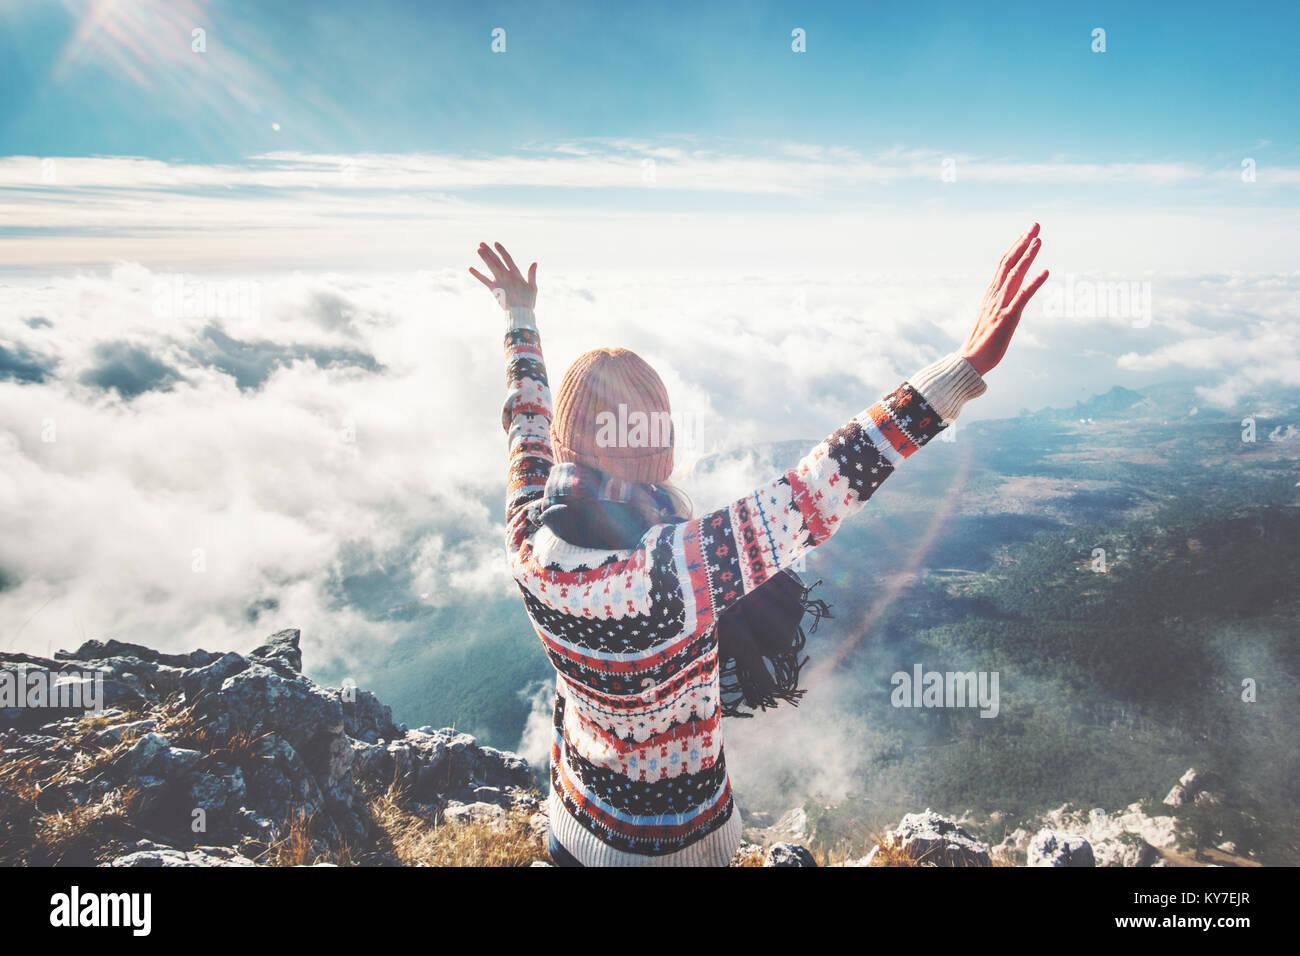 Glücklich am Gipfel hob die Hand über den Wolken Reisen Lifestyle erfolg konzept Abenteuer aktiv Urlaub Stockbild